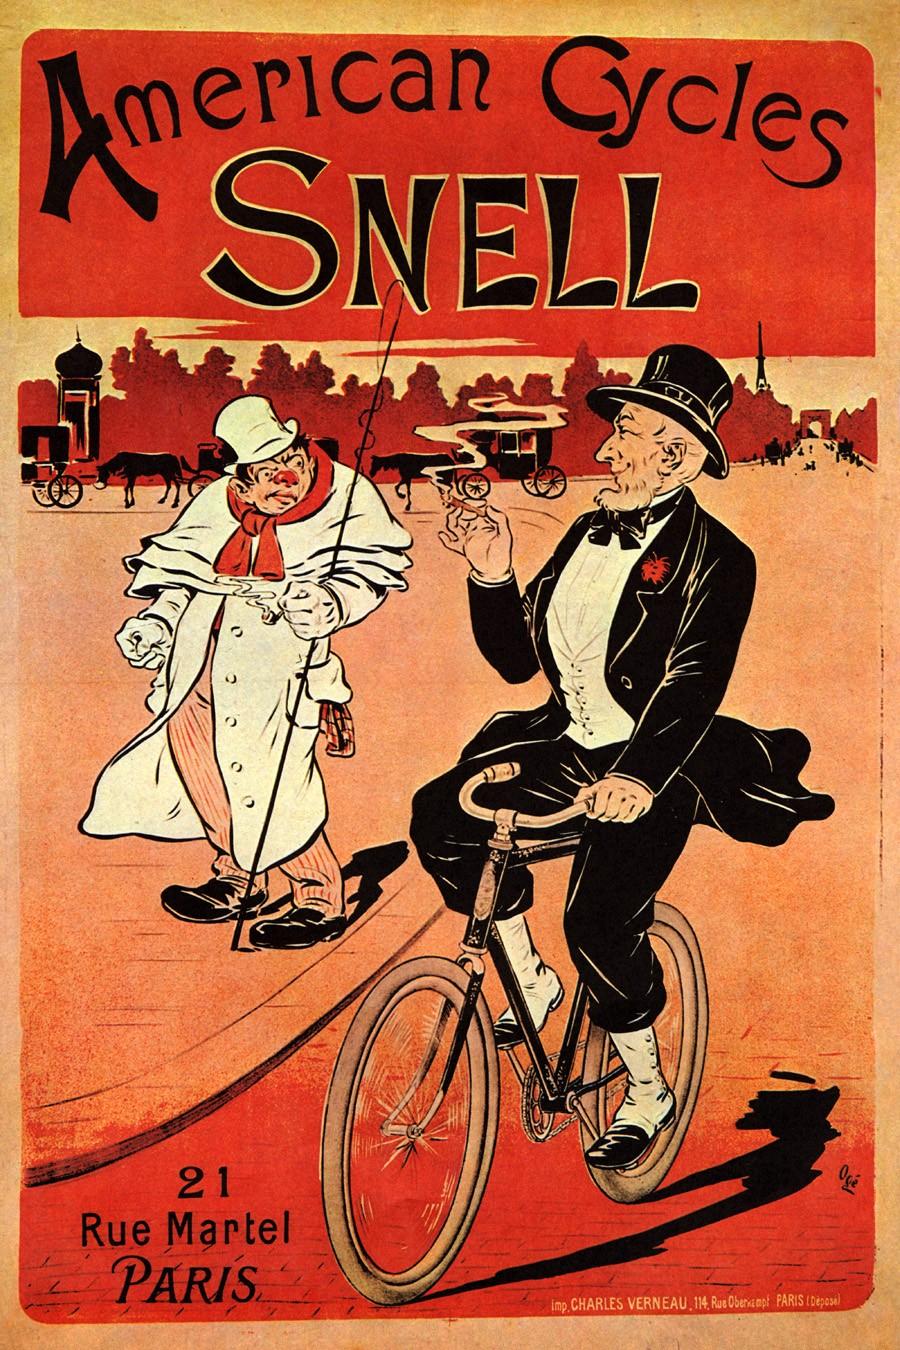 Foto 1 - American Cycles SnellBicicletaVintage Cartaz Poster em Papel Matte